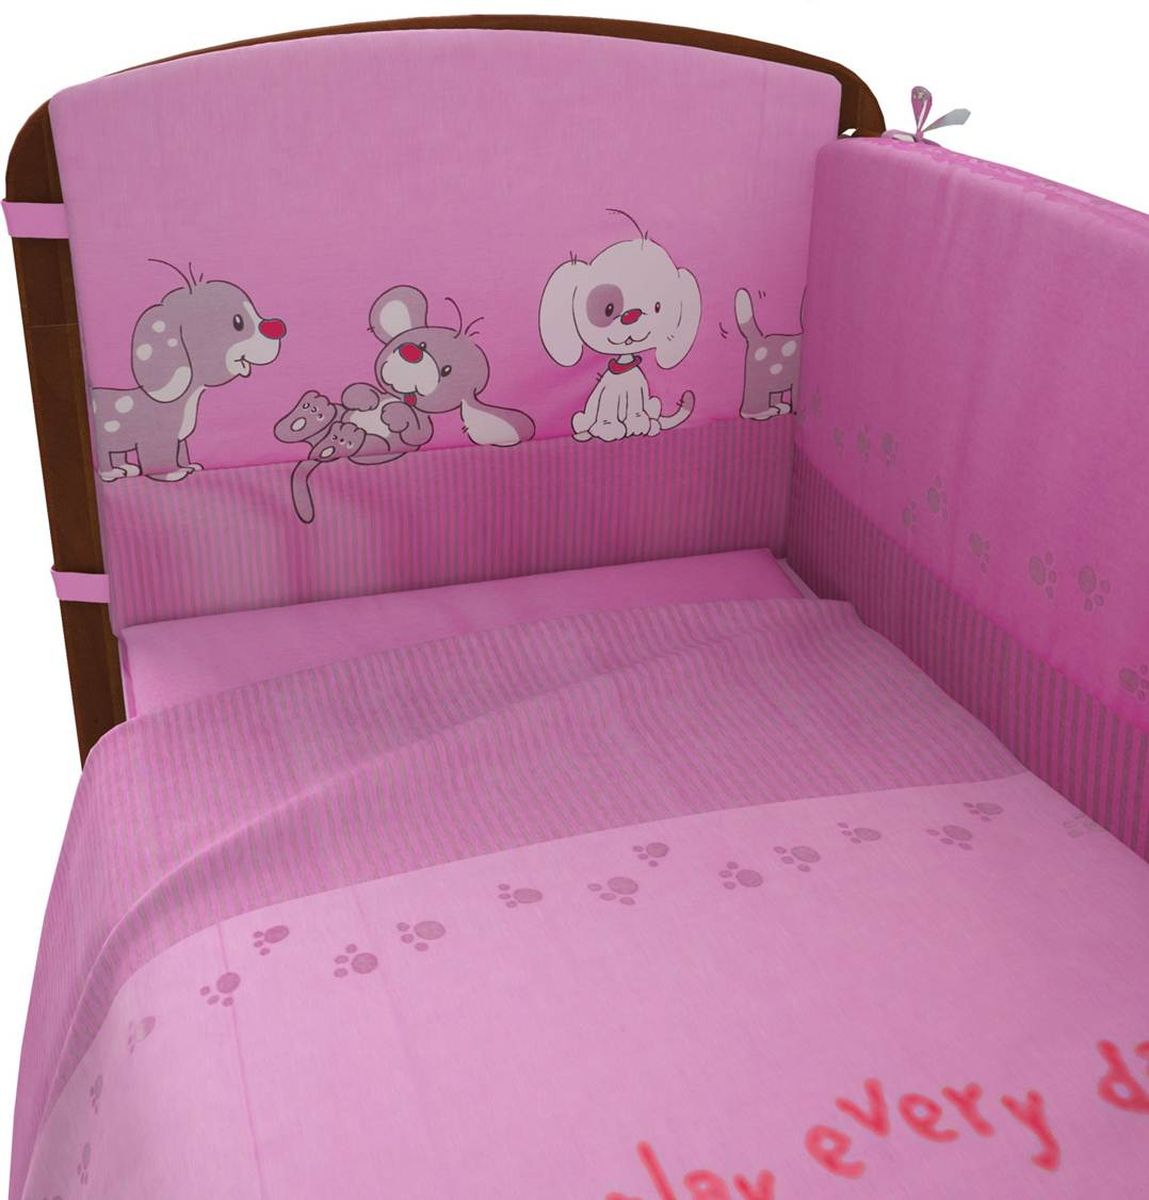 Комплект белья для новорожденных Фея Веселая игра, цвет: розовый, 6 предметов комплект белья для новорожденных фея веселая игра цвет серый 6 предметов